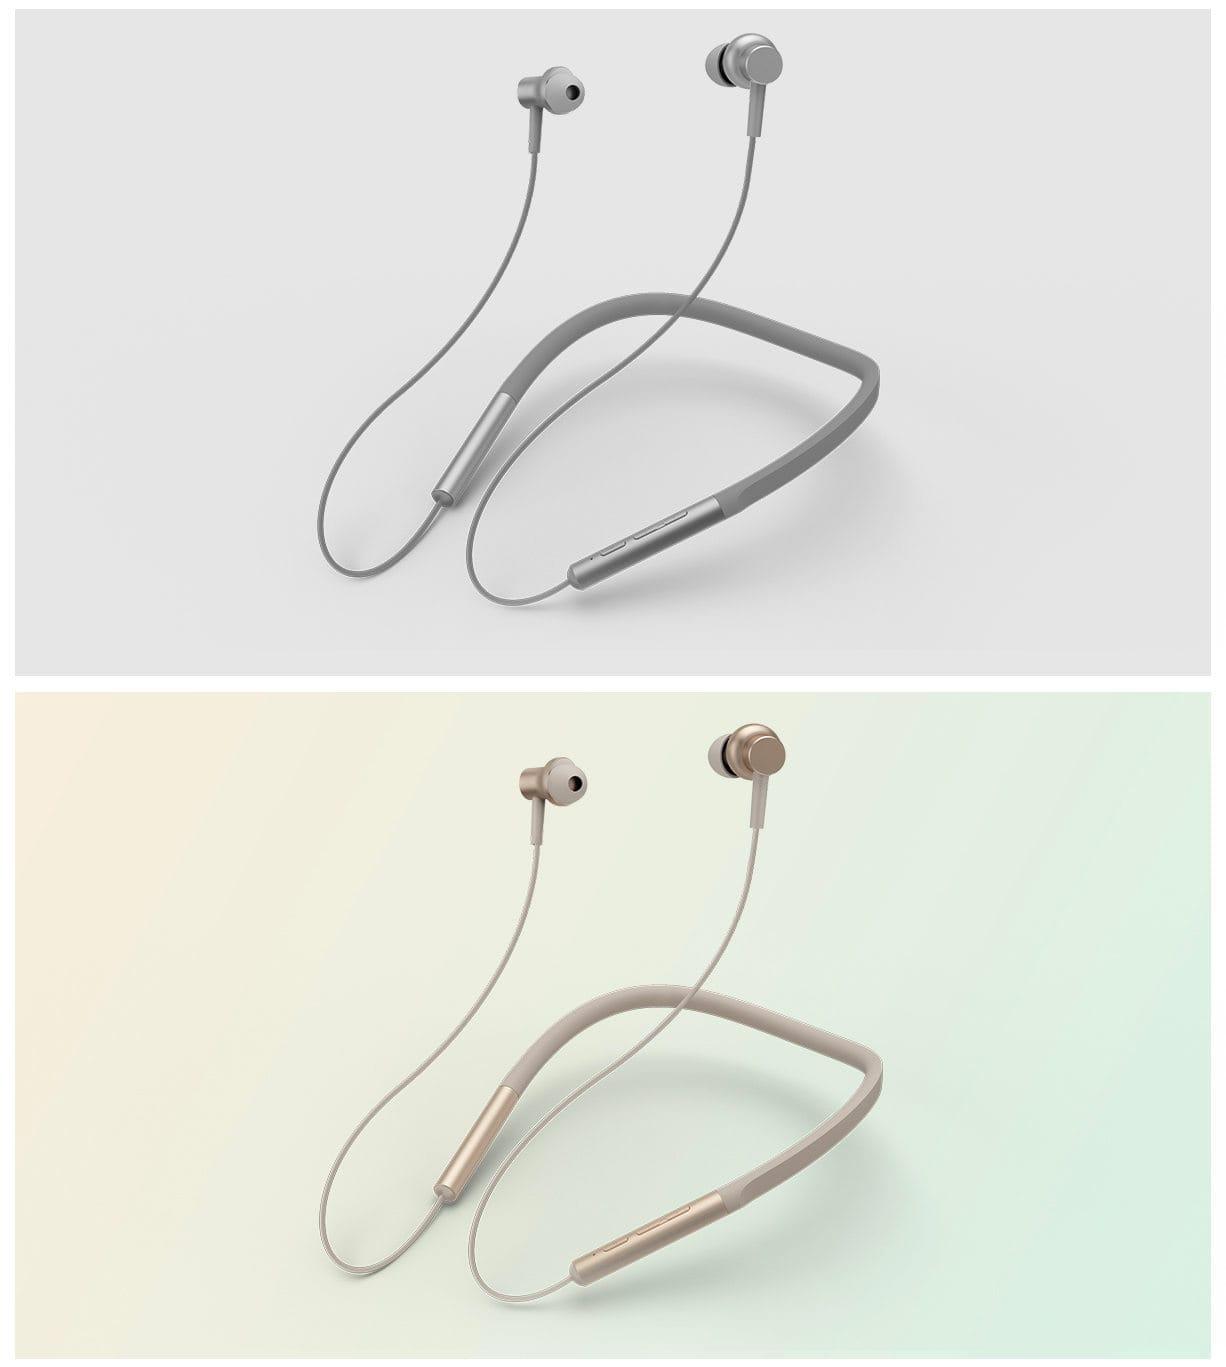 Xiaomi Mi Collar Bluetooth Headset - Diseño muy cómodo